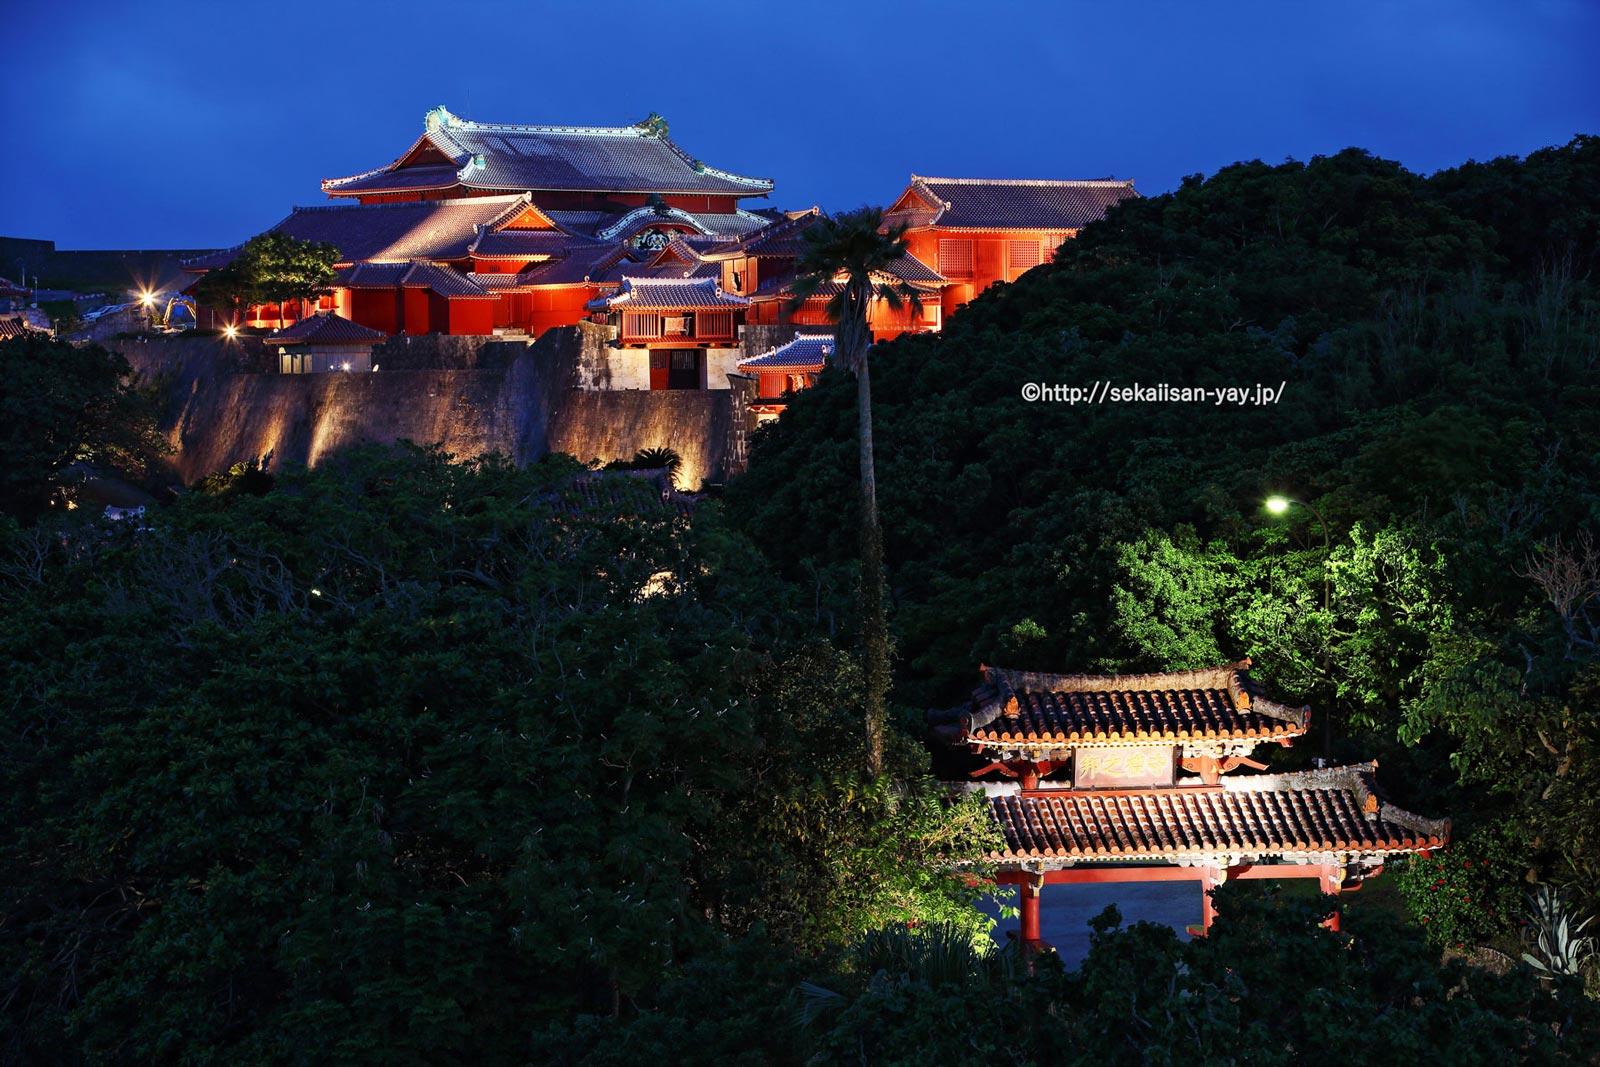 「琉球王国のグスク及び関連遺産群」 - 首里城跡